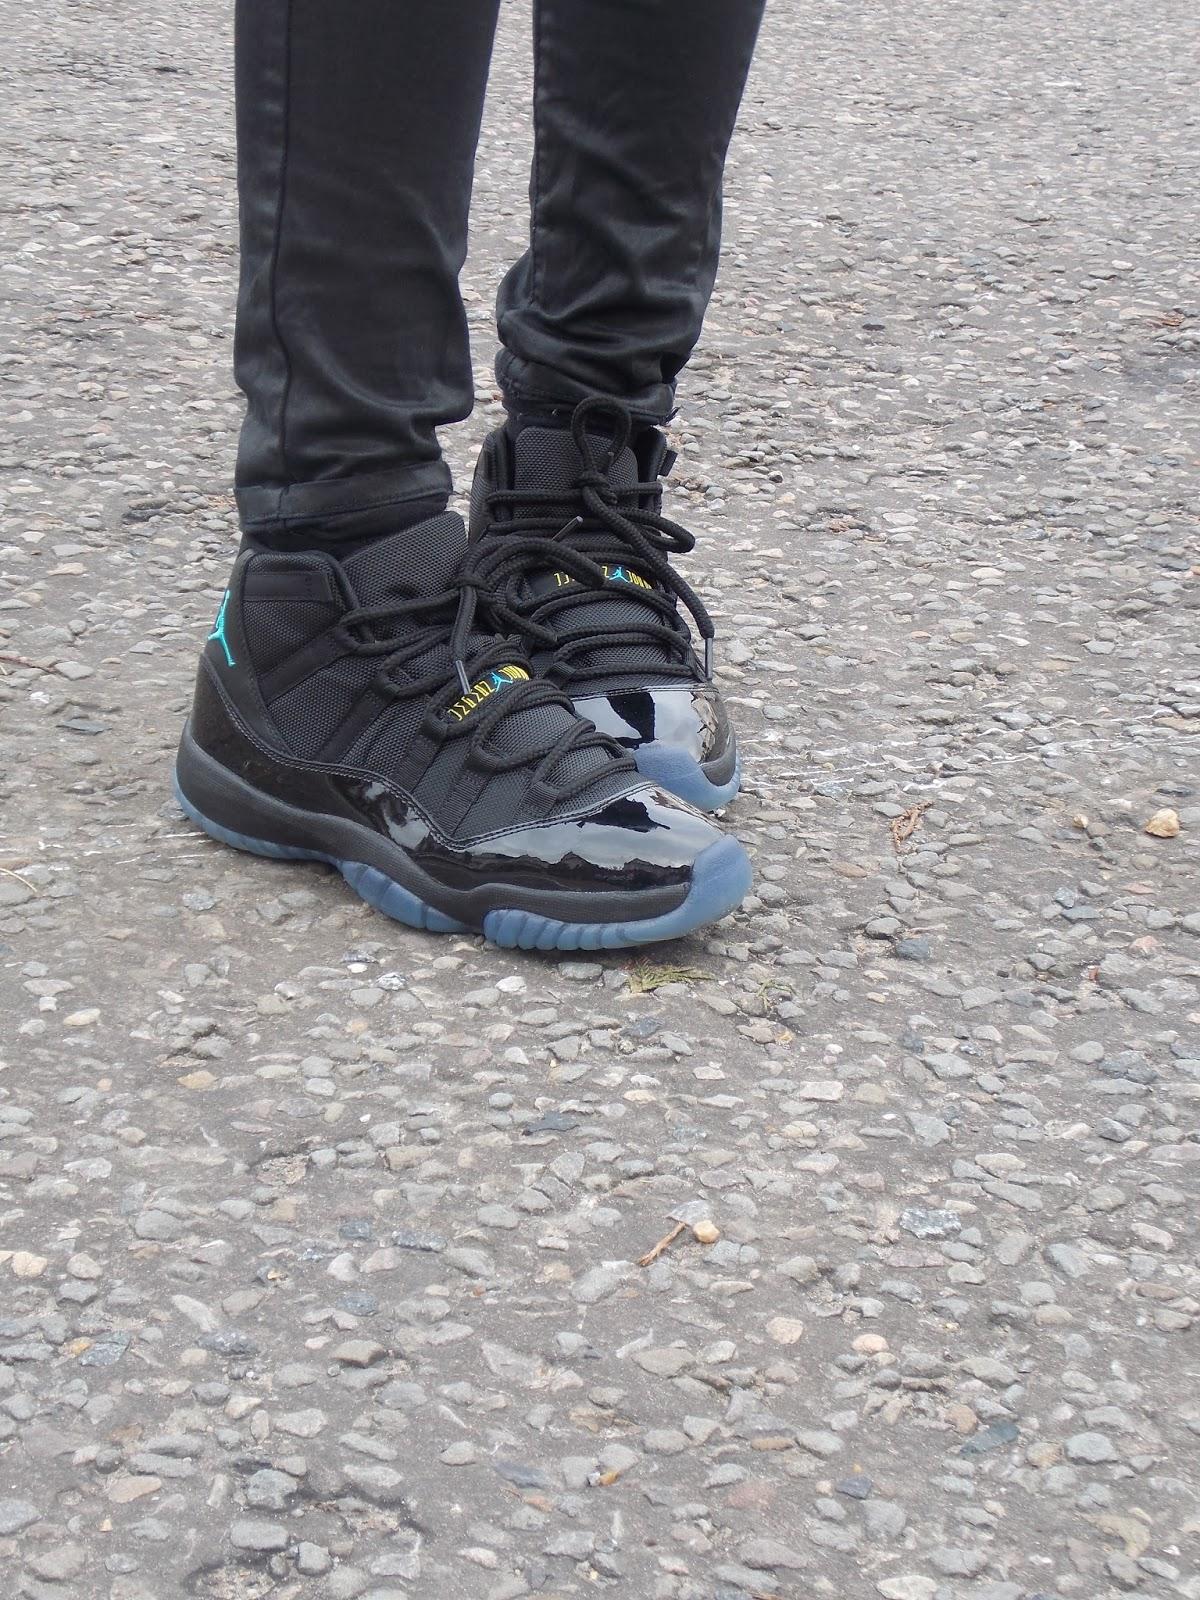 e2499722d37a Shoe Heaven  Jordan 11s Gamma Blue